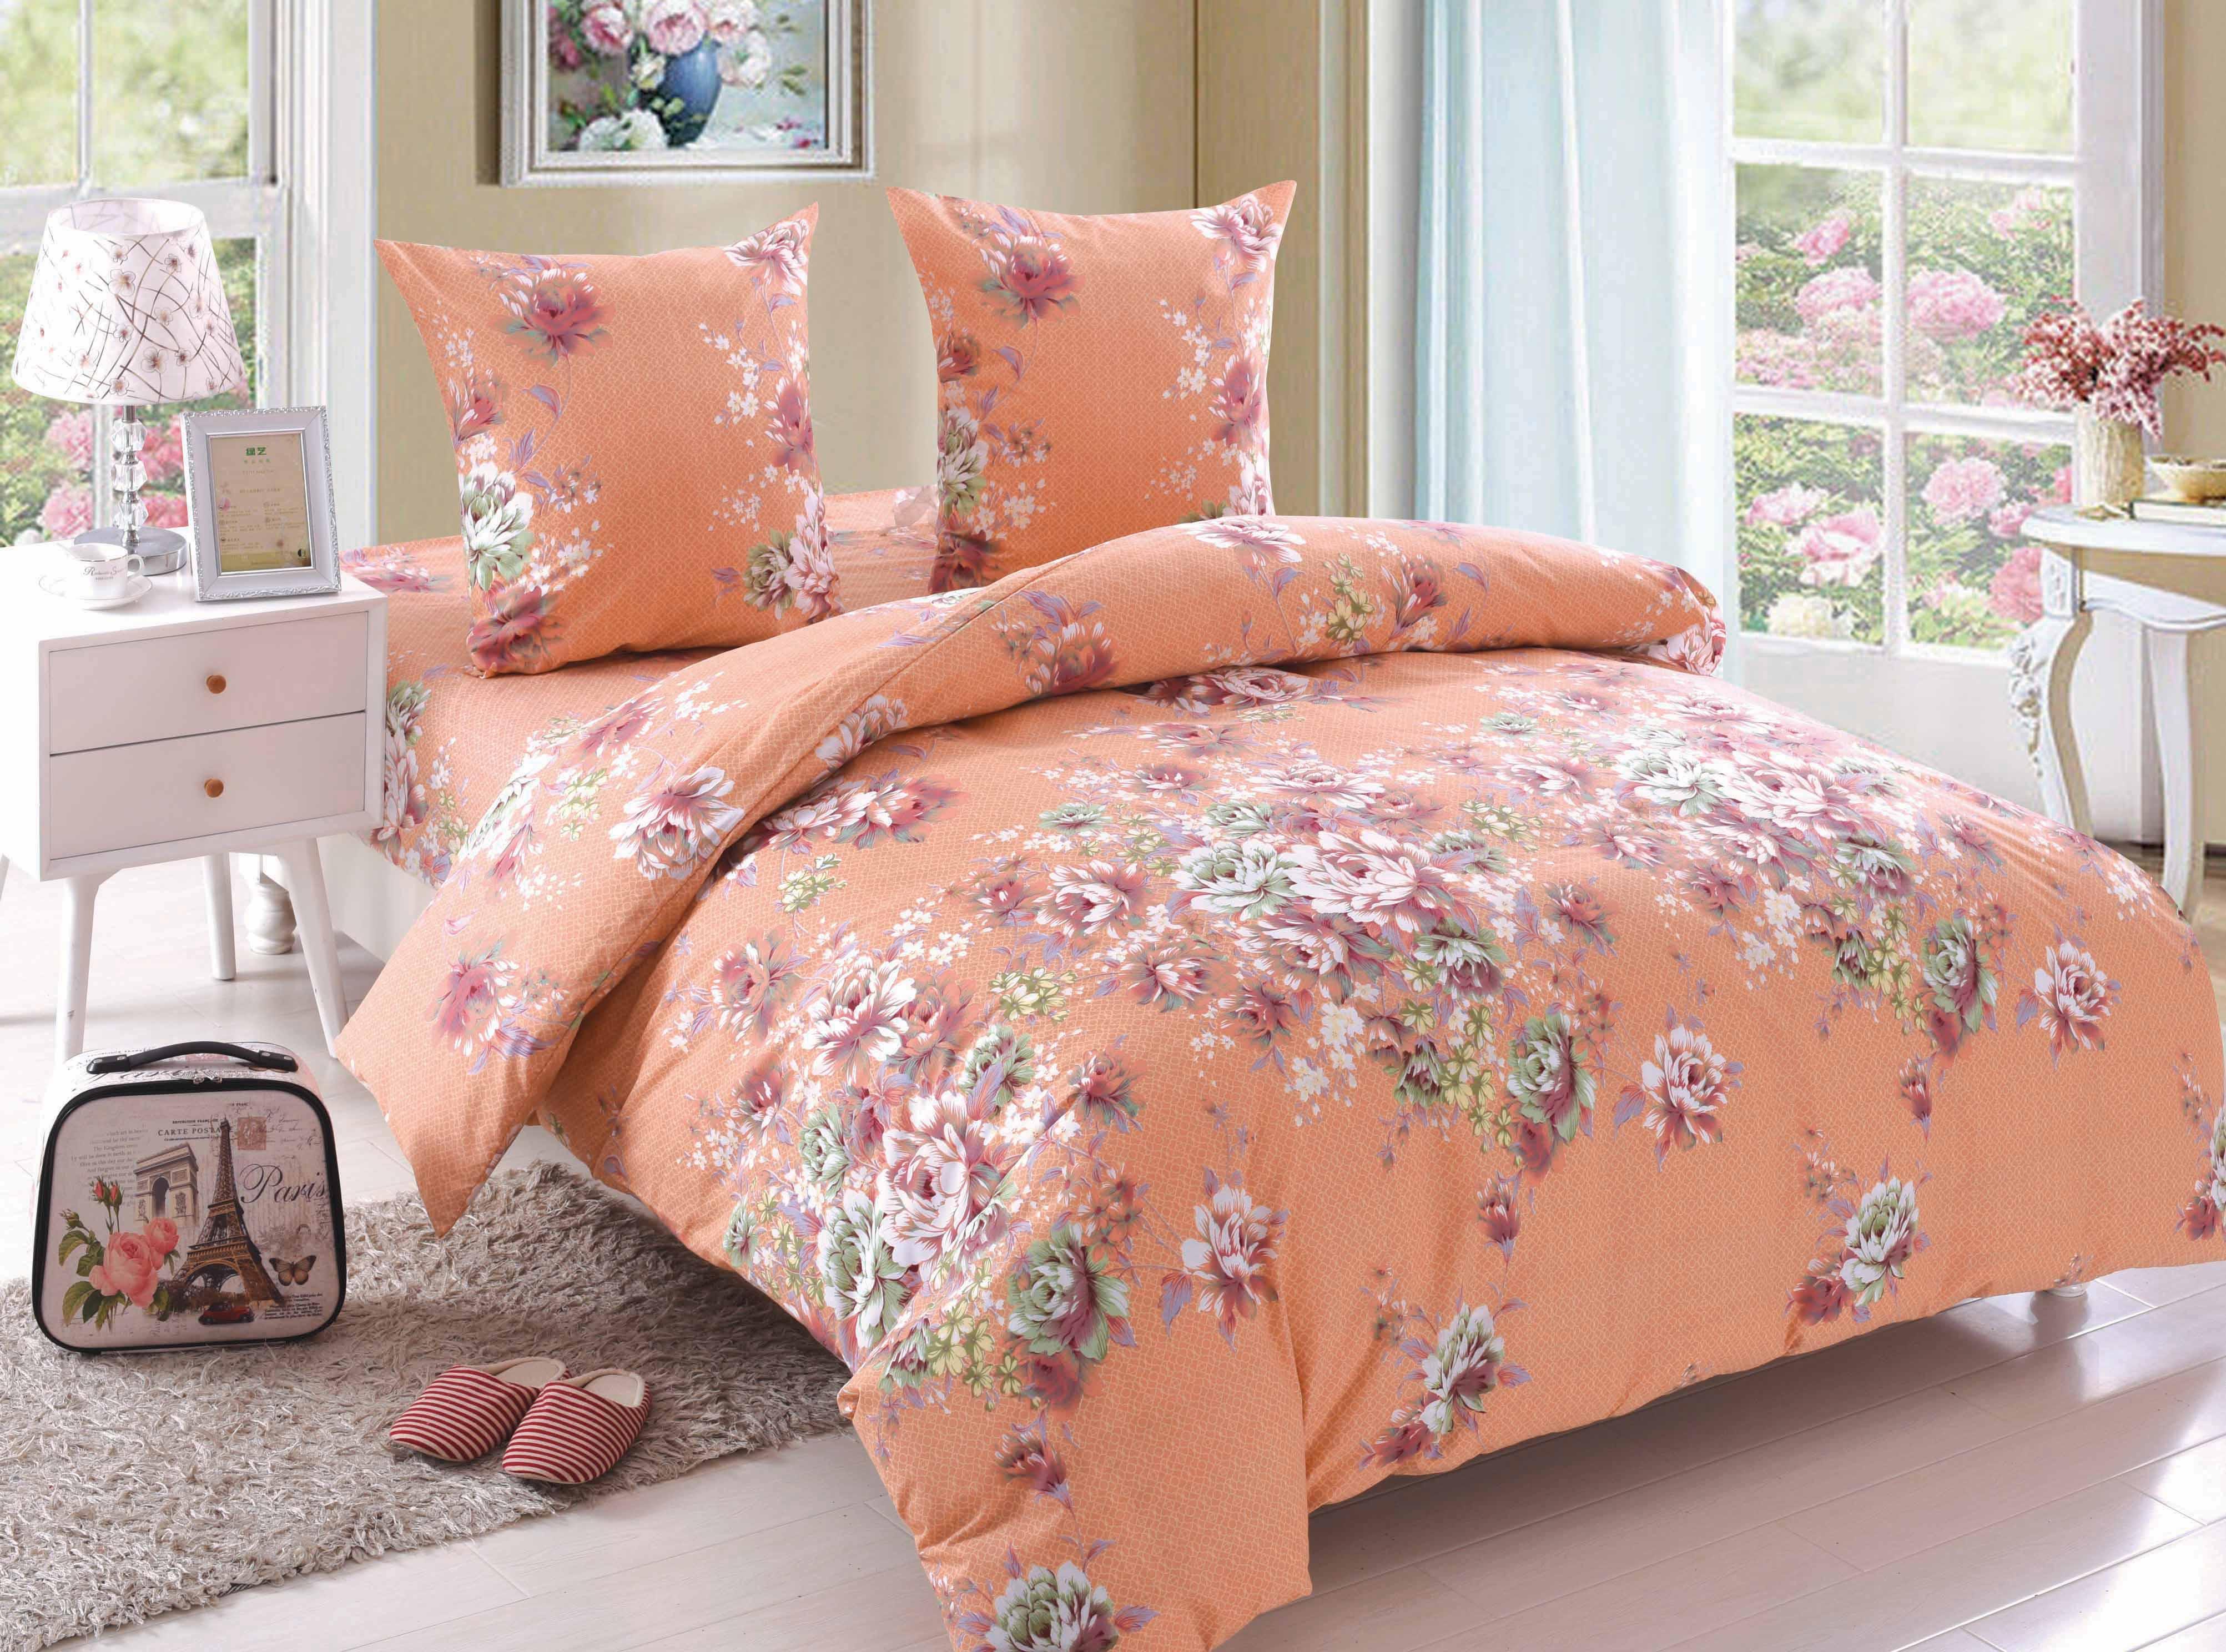 Купить Комплекты постельного белья Amore Mio, Постельное белье Rachel (2 сп. евро), Китай, Поплин